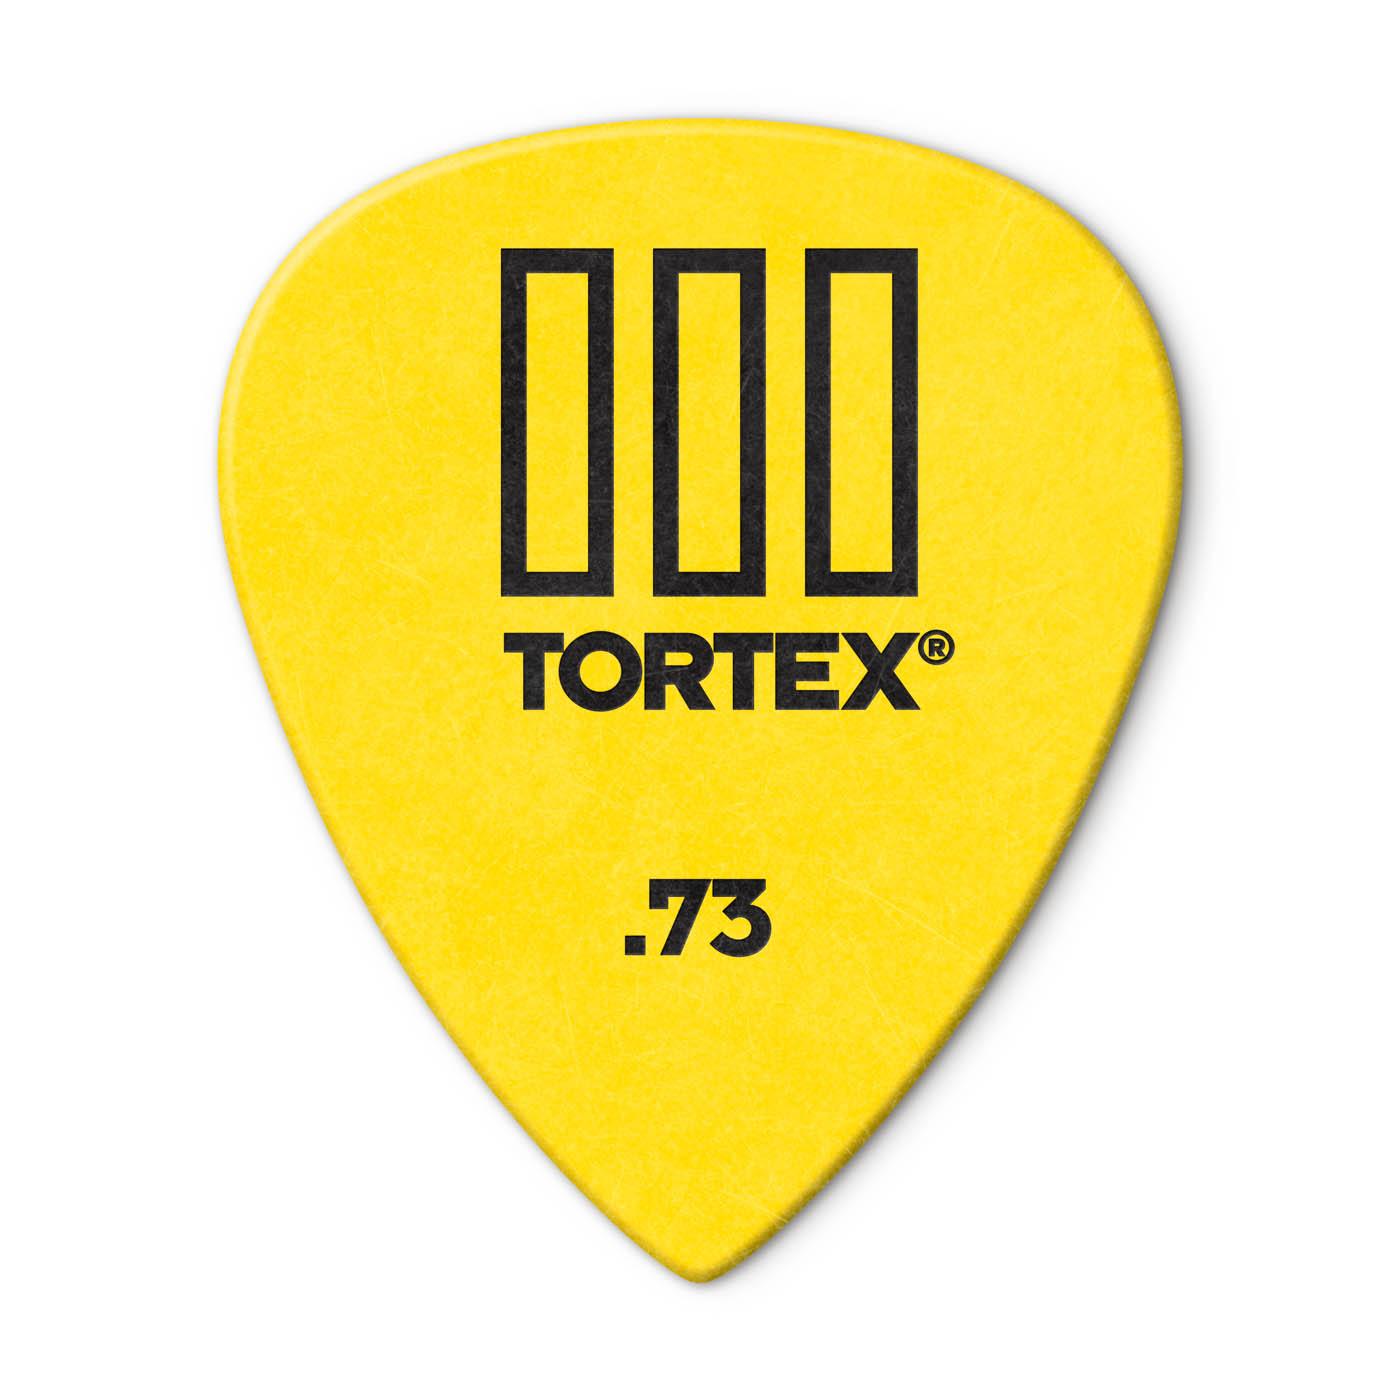 DUNLOP Médiators Tortex TIII x 72